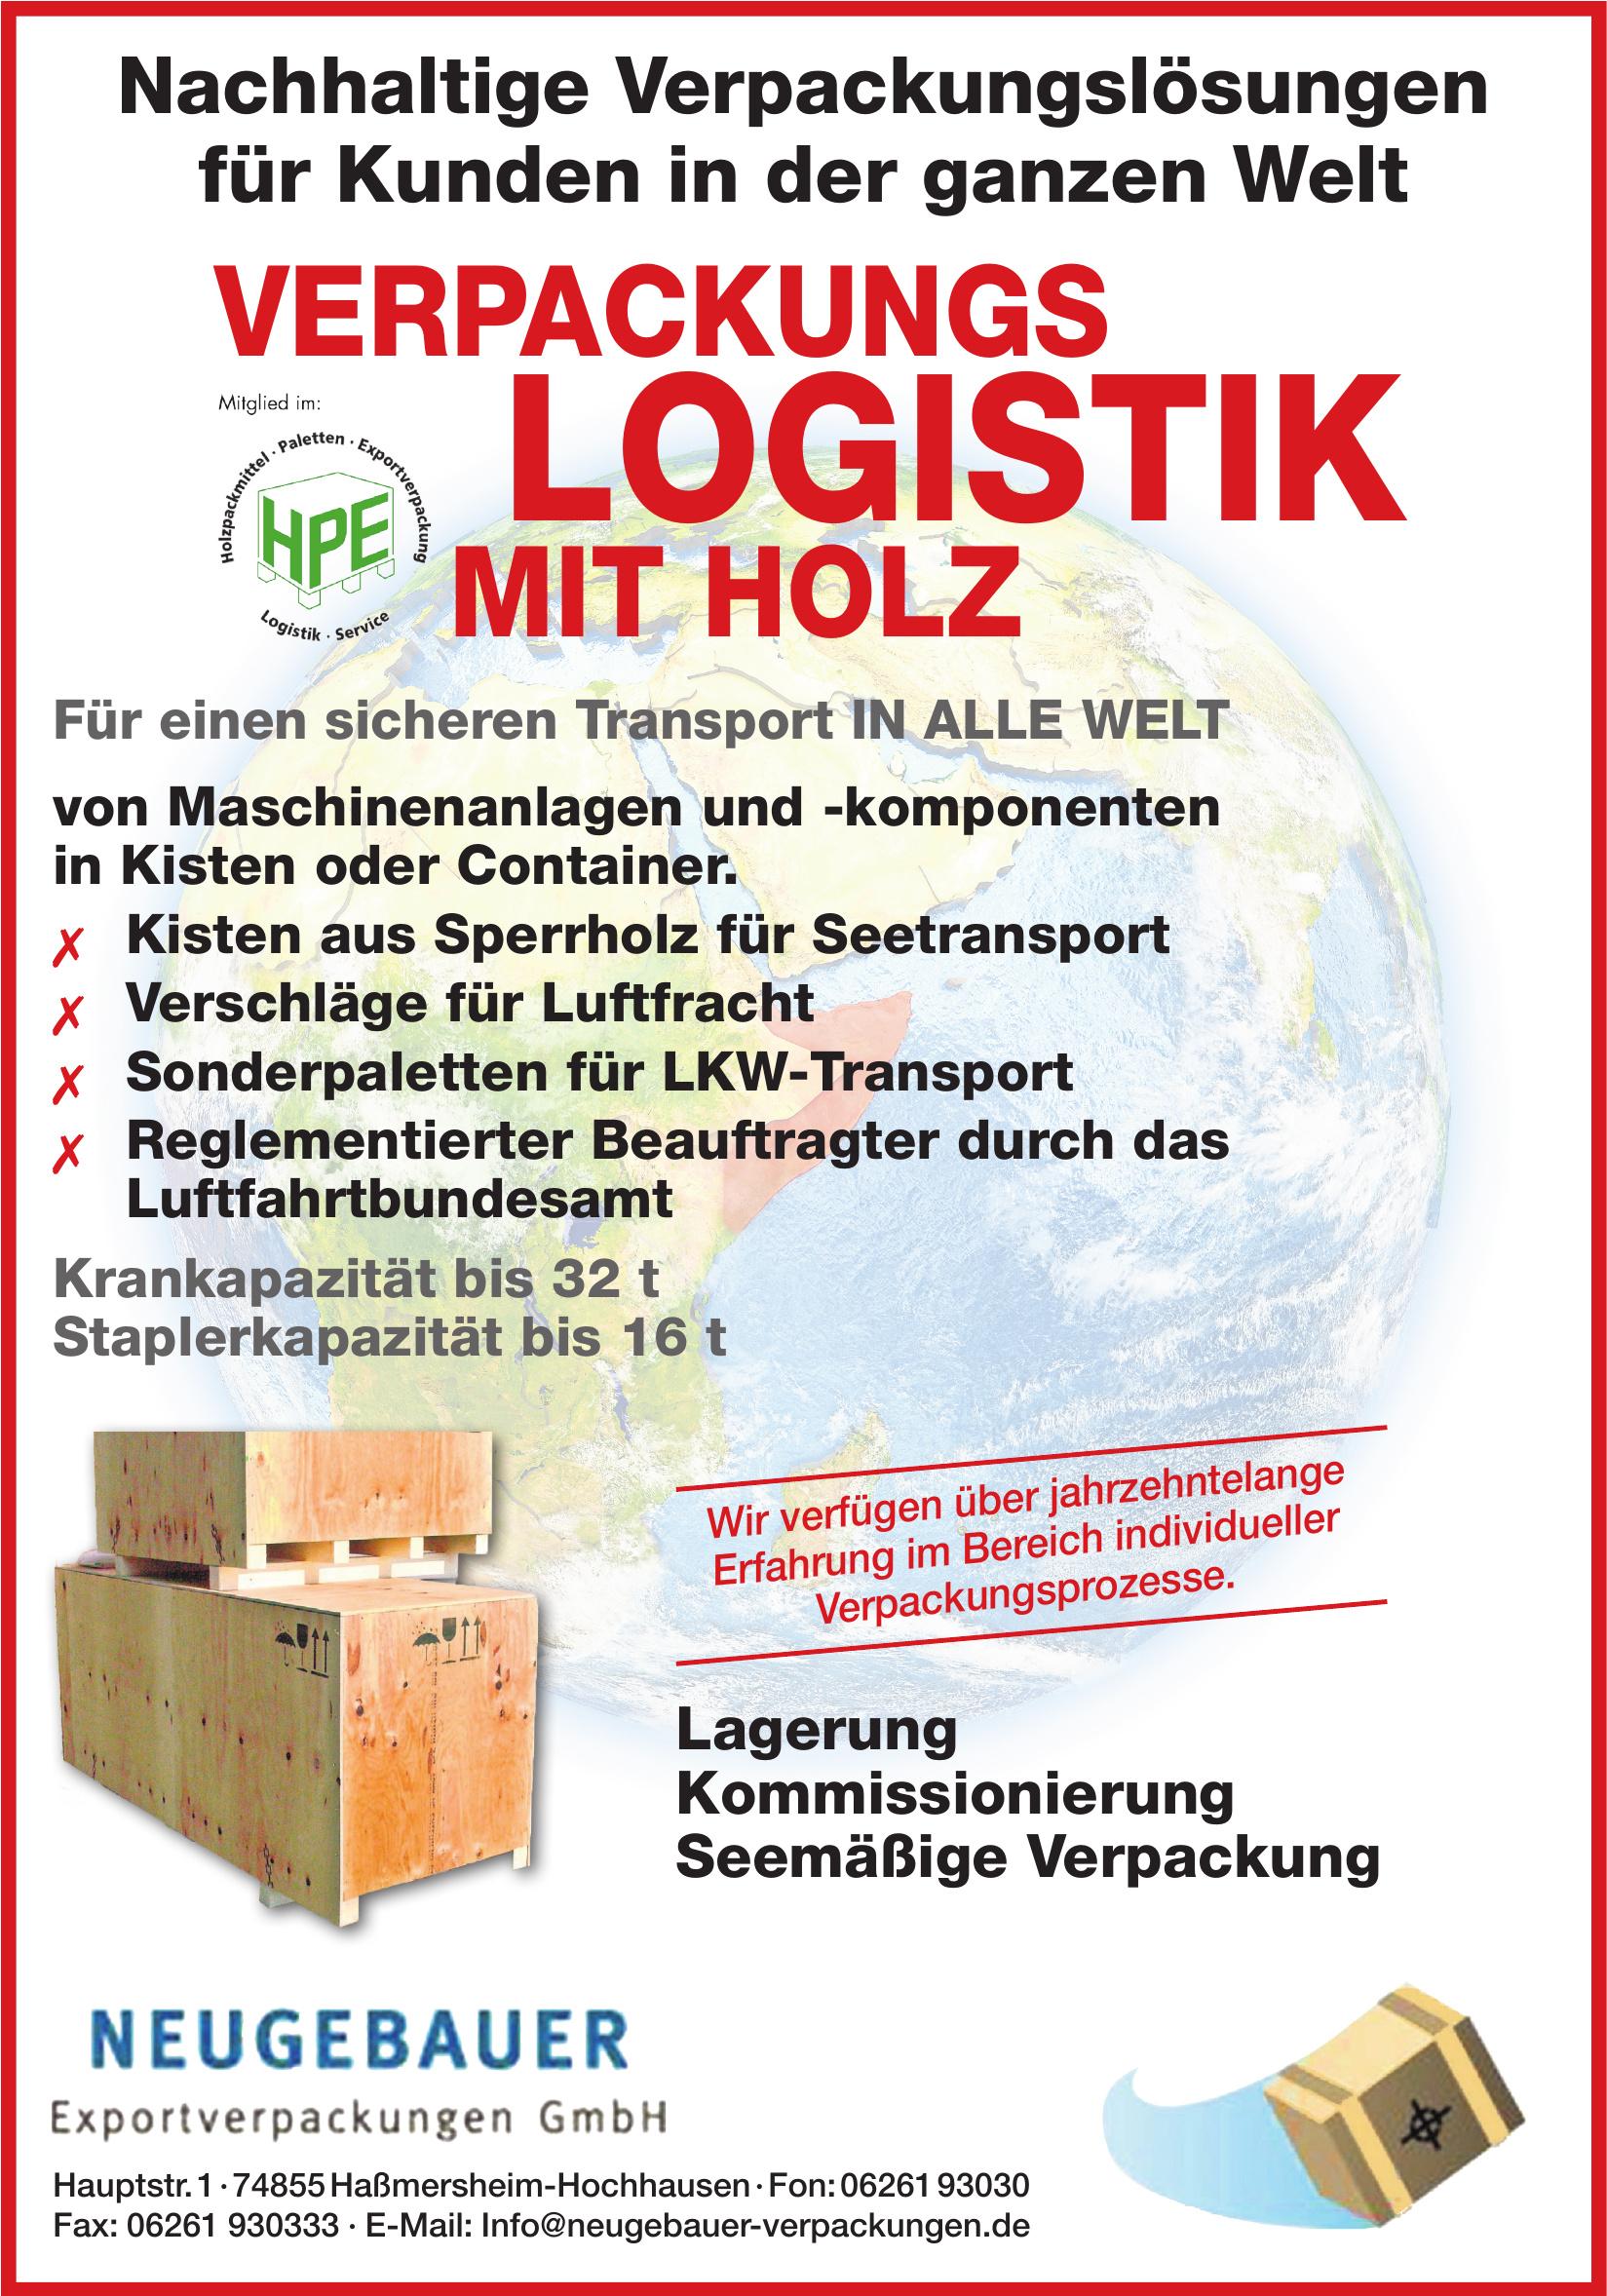 Neugebauer Exportverpackungen GmbH